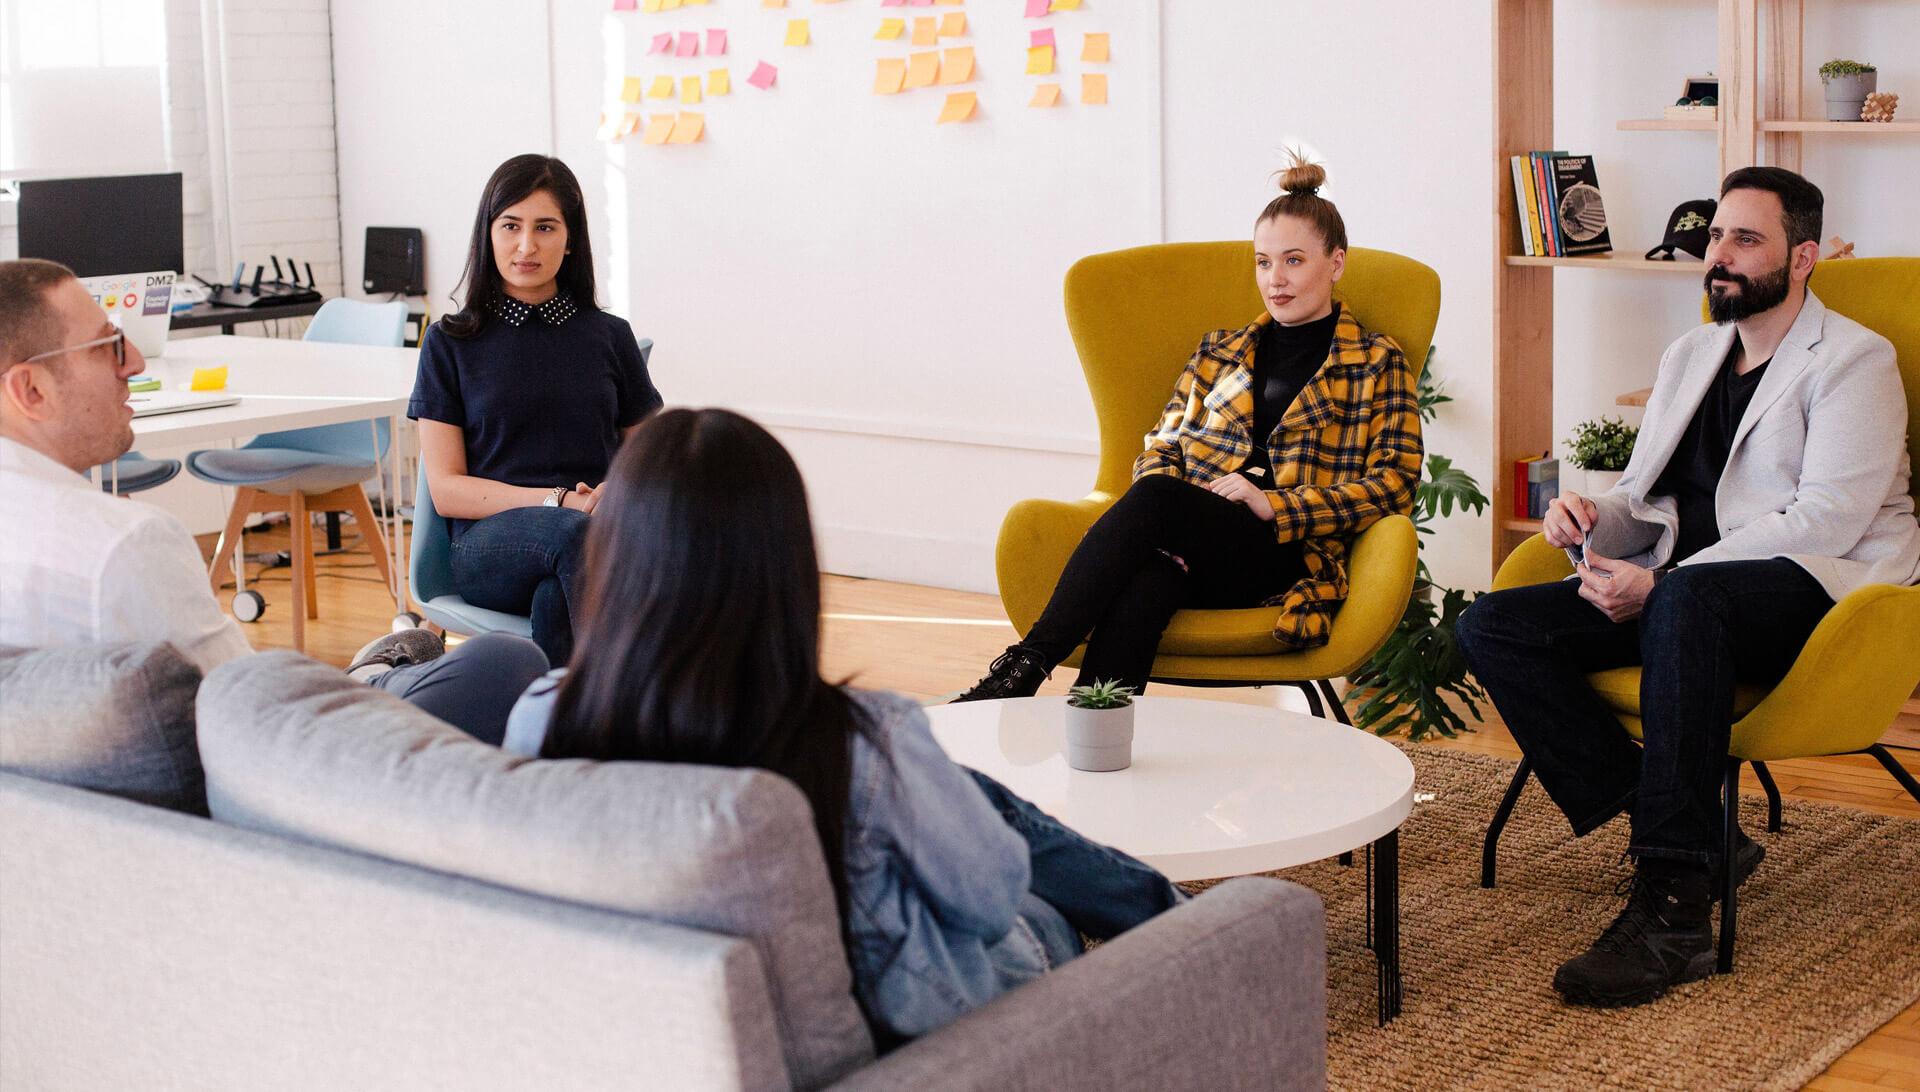 HawkSEM blog: Marketing Agencies vs. Consultants